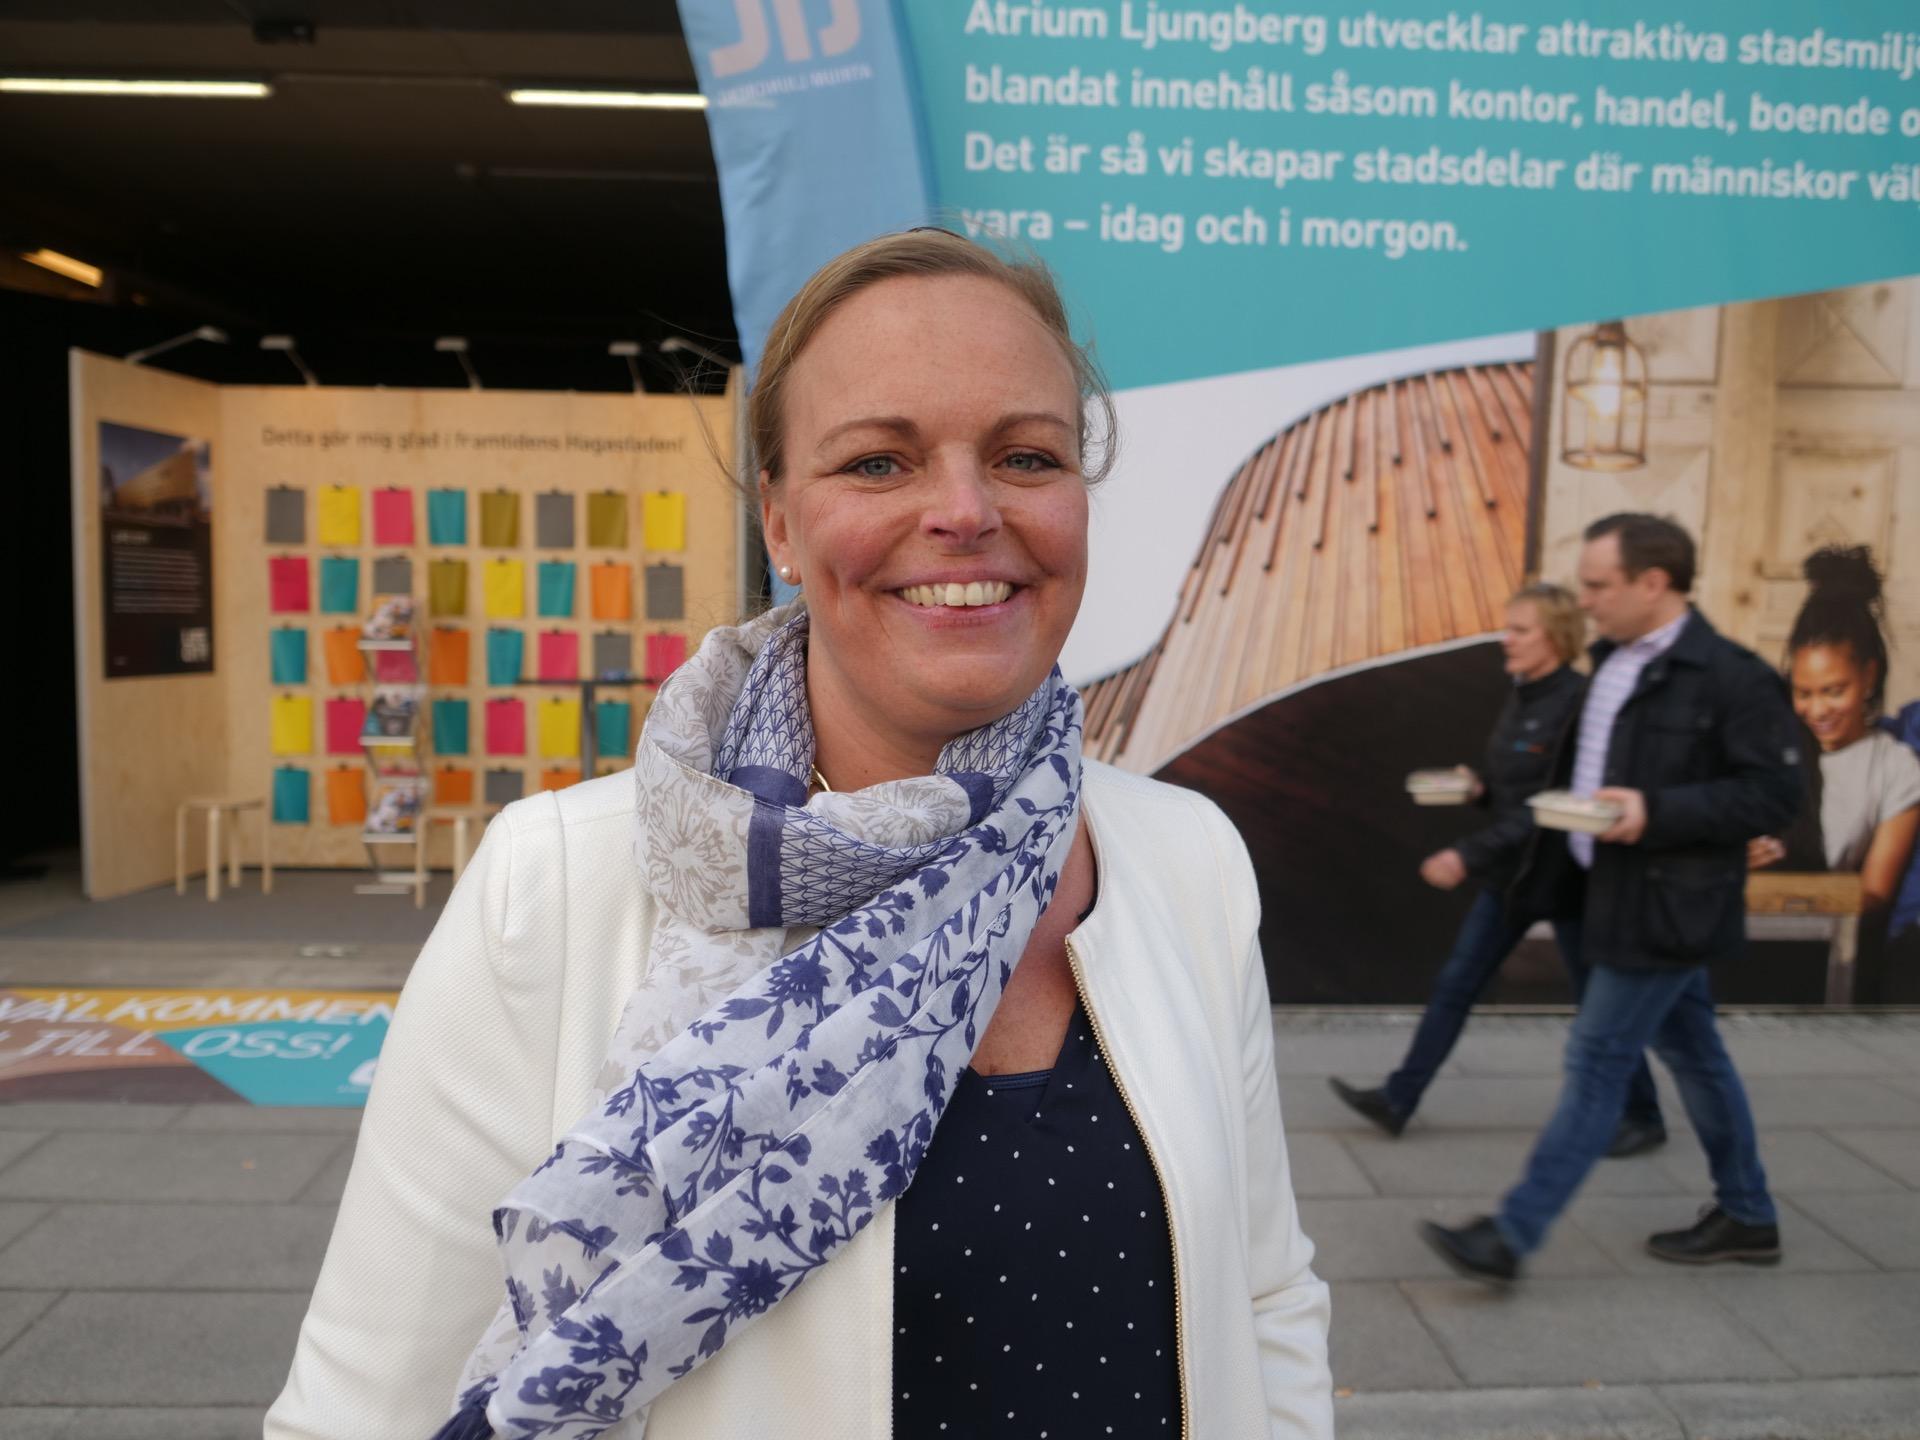 Camilla Klint marknadsområdeschef Hagastaden påAtrium Ljungberg